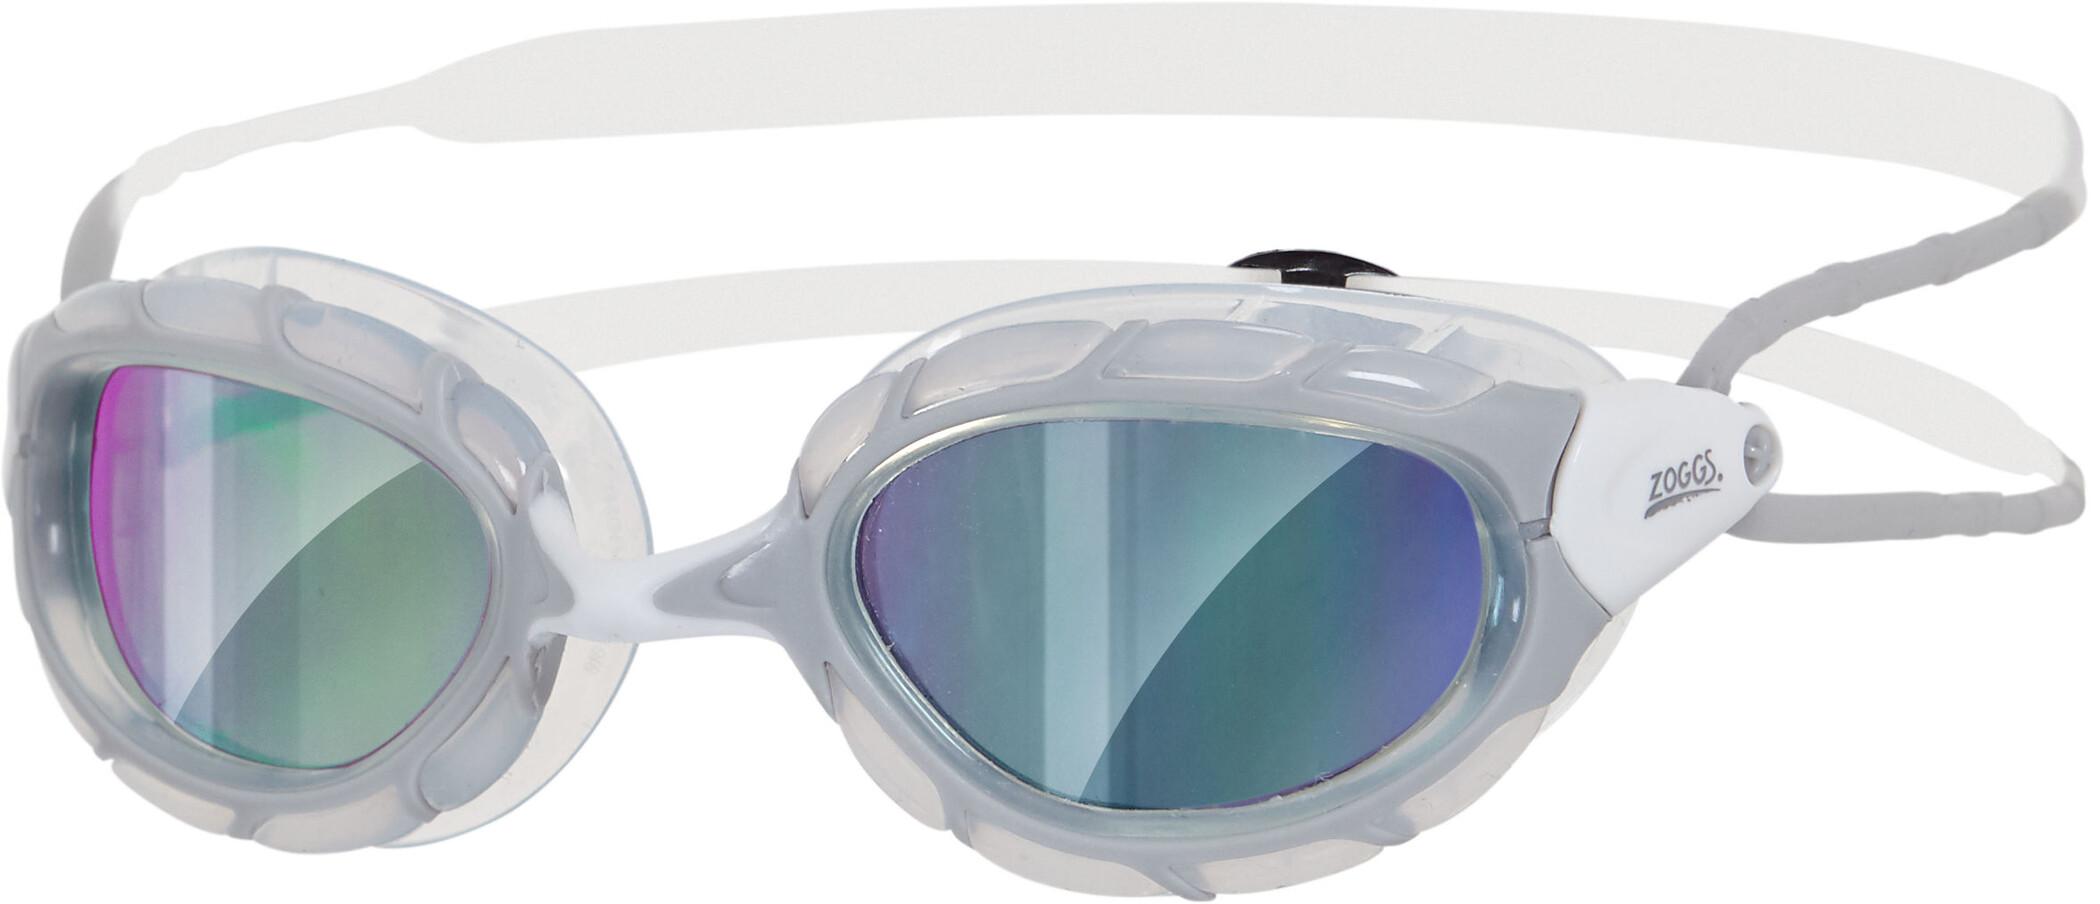 Zoggs Predator Svømmebriller, grey/white/mirror (2019) | swim_clothes